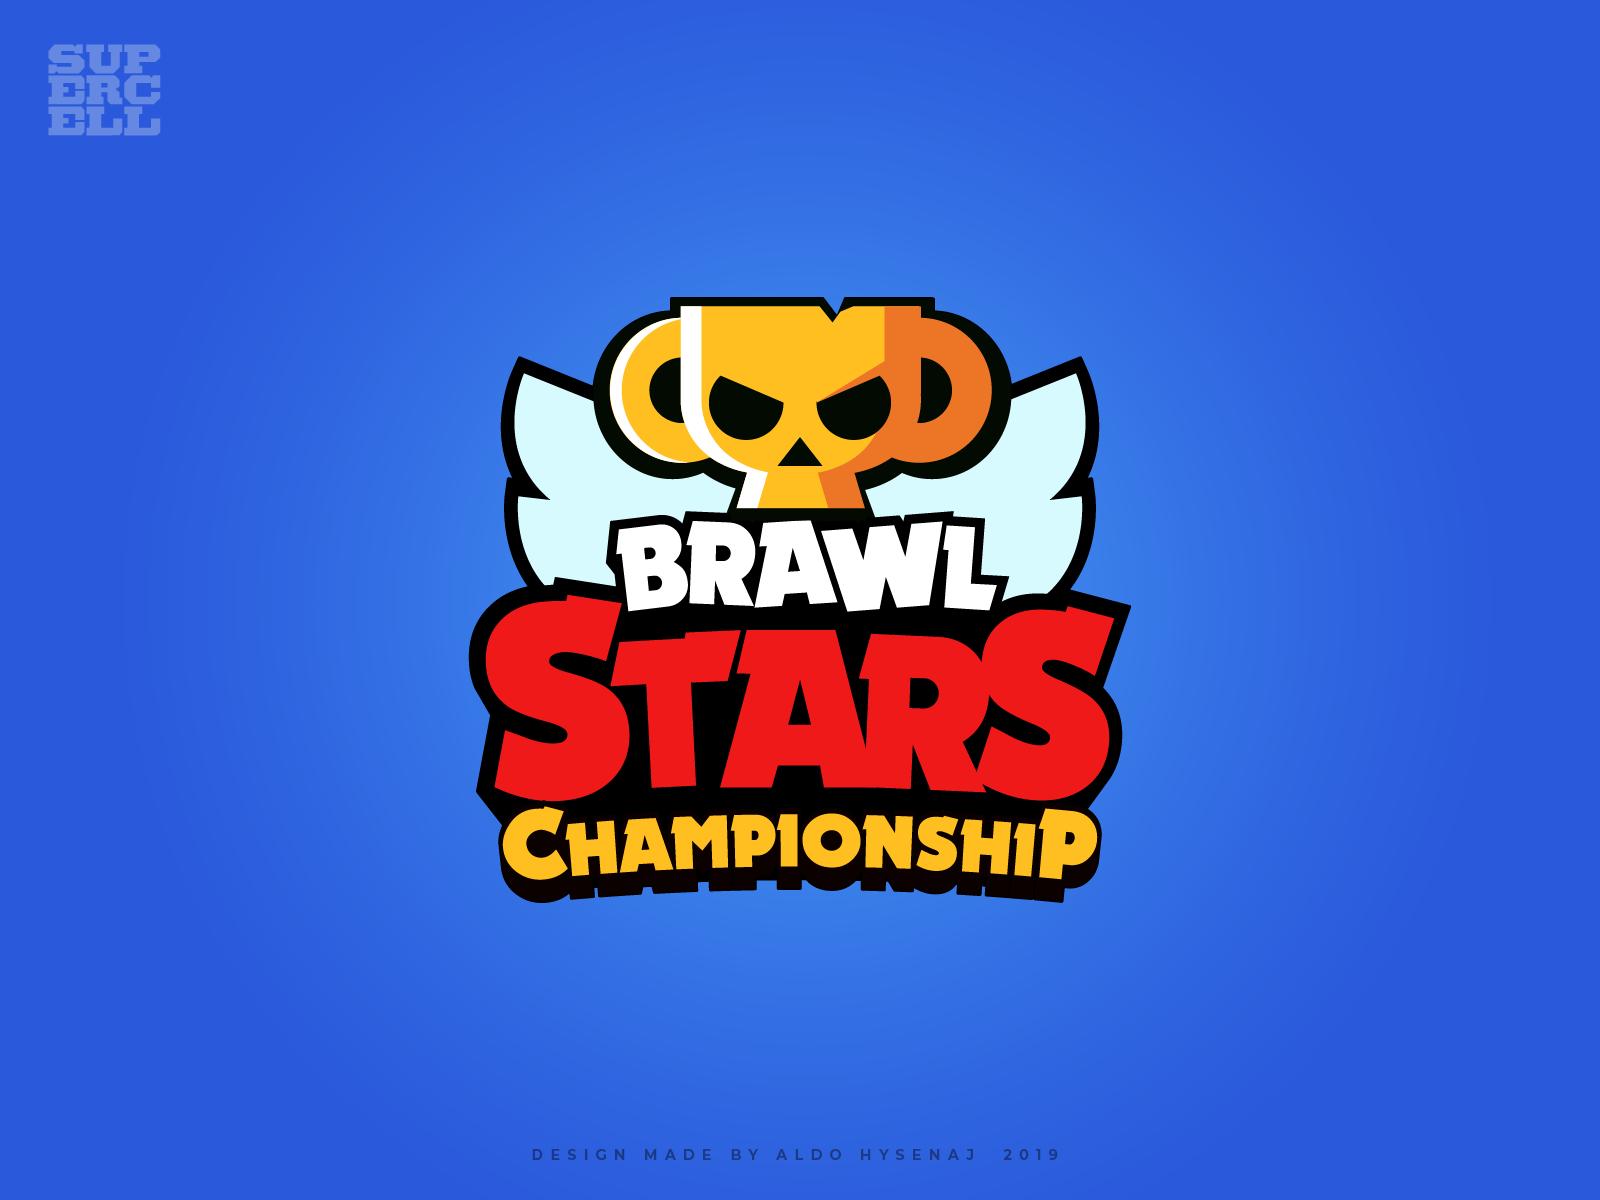 Brawl Stars Championship Logo In 2020 Brawl Logos Stars